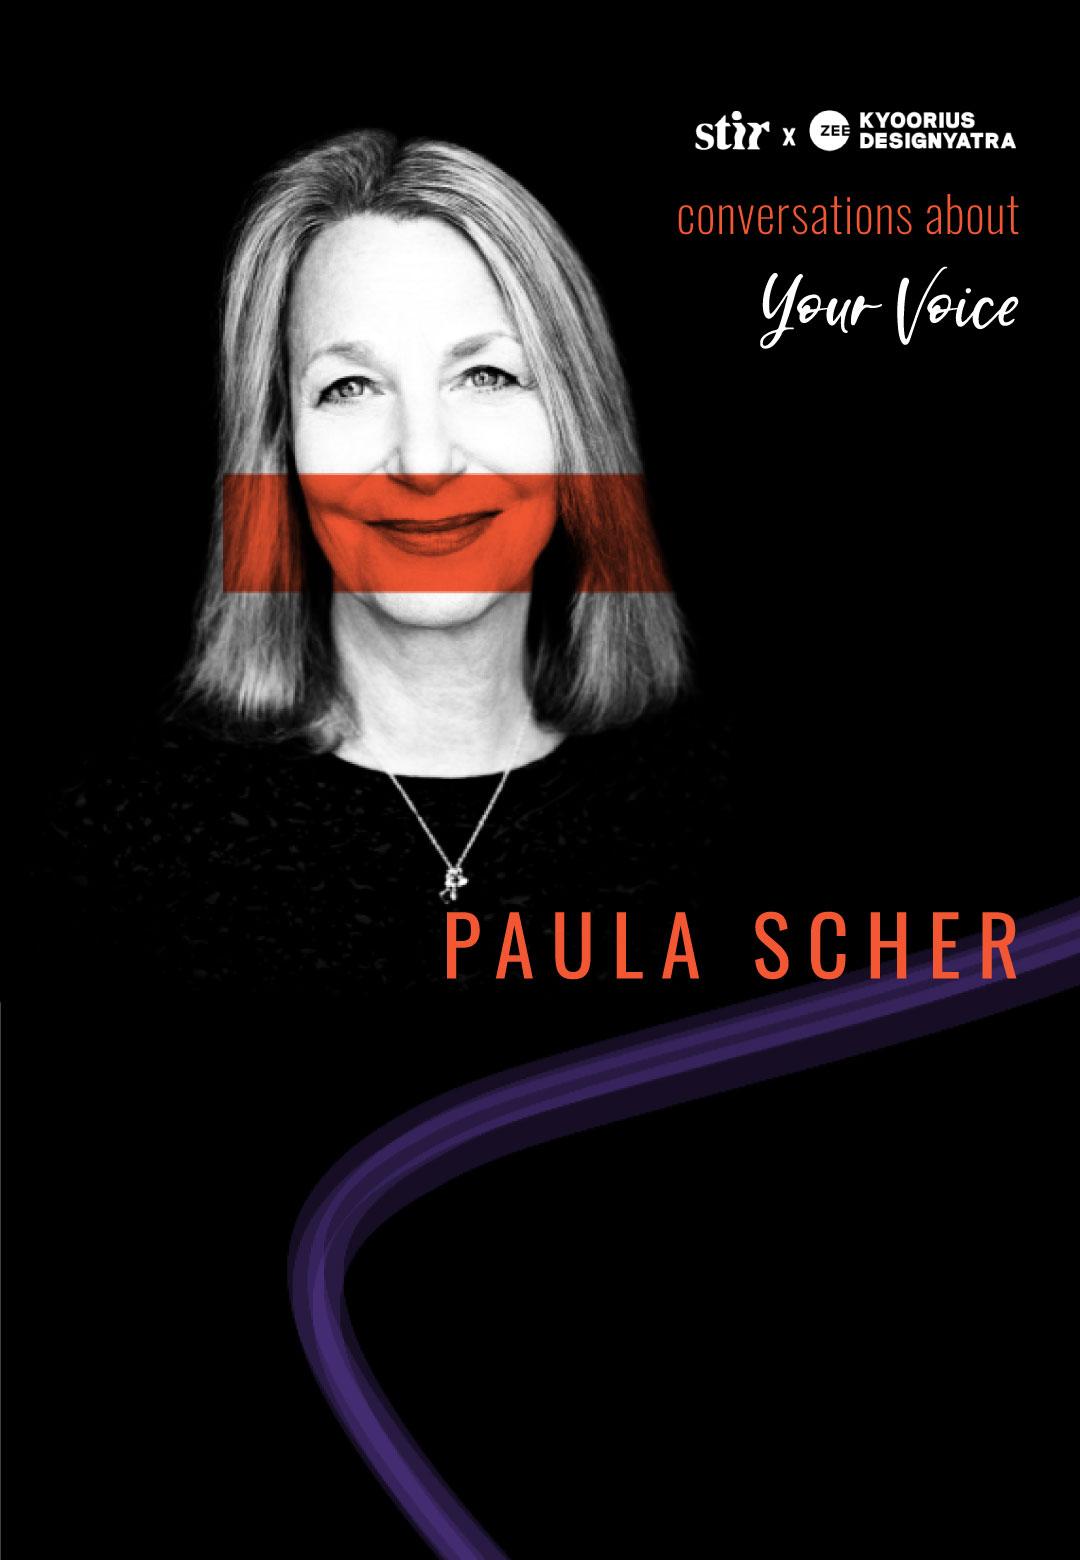 STIR in conversation with Paula Scher | Conversations About Your Voice | STIR X Kyoorius Designyatra 2020 | STIRworld